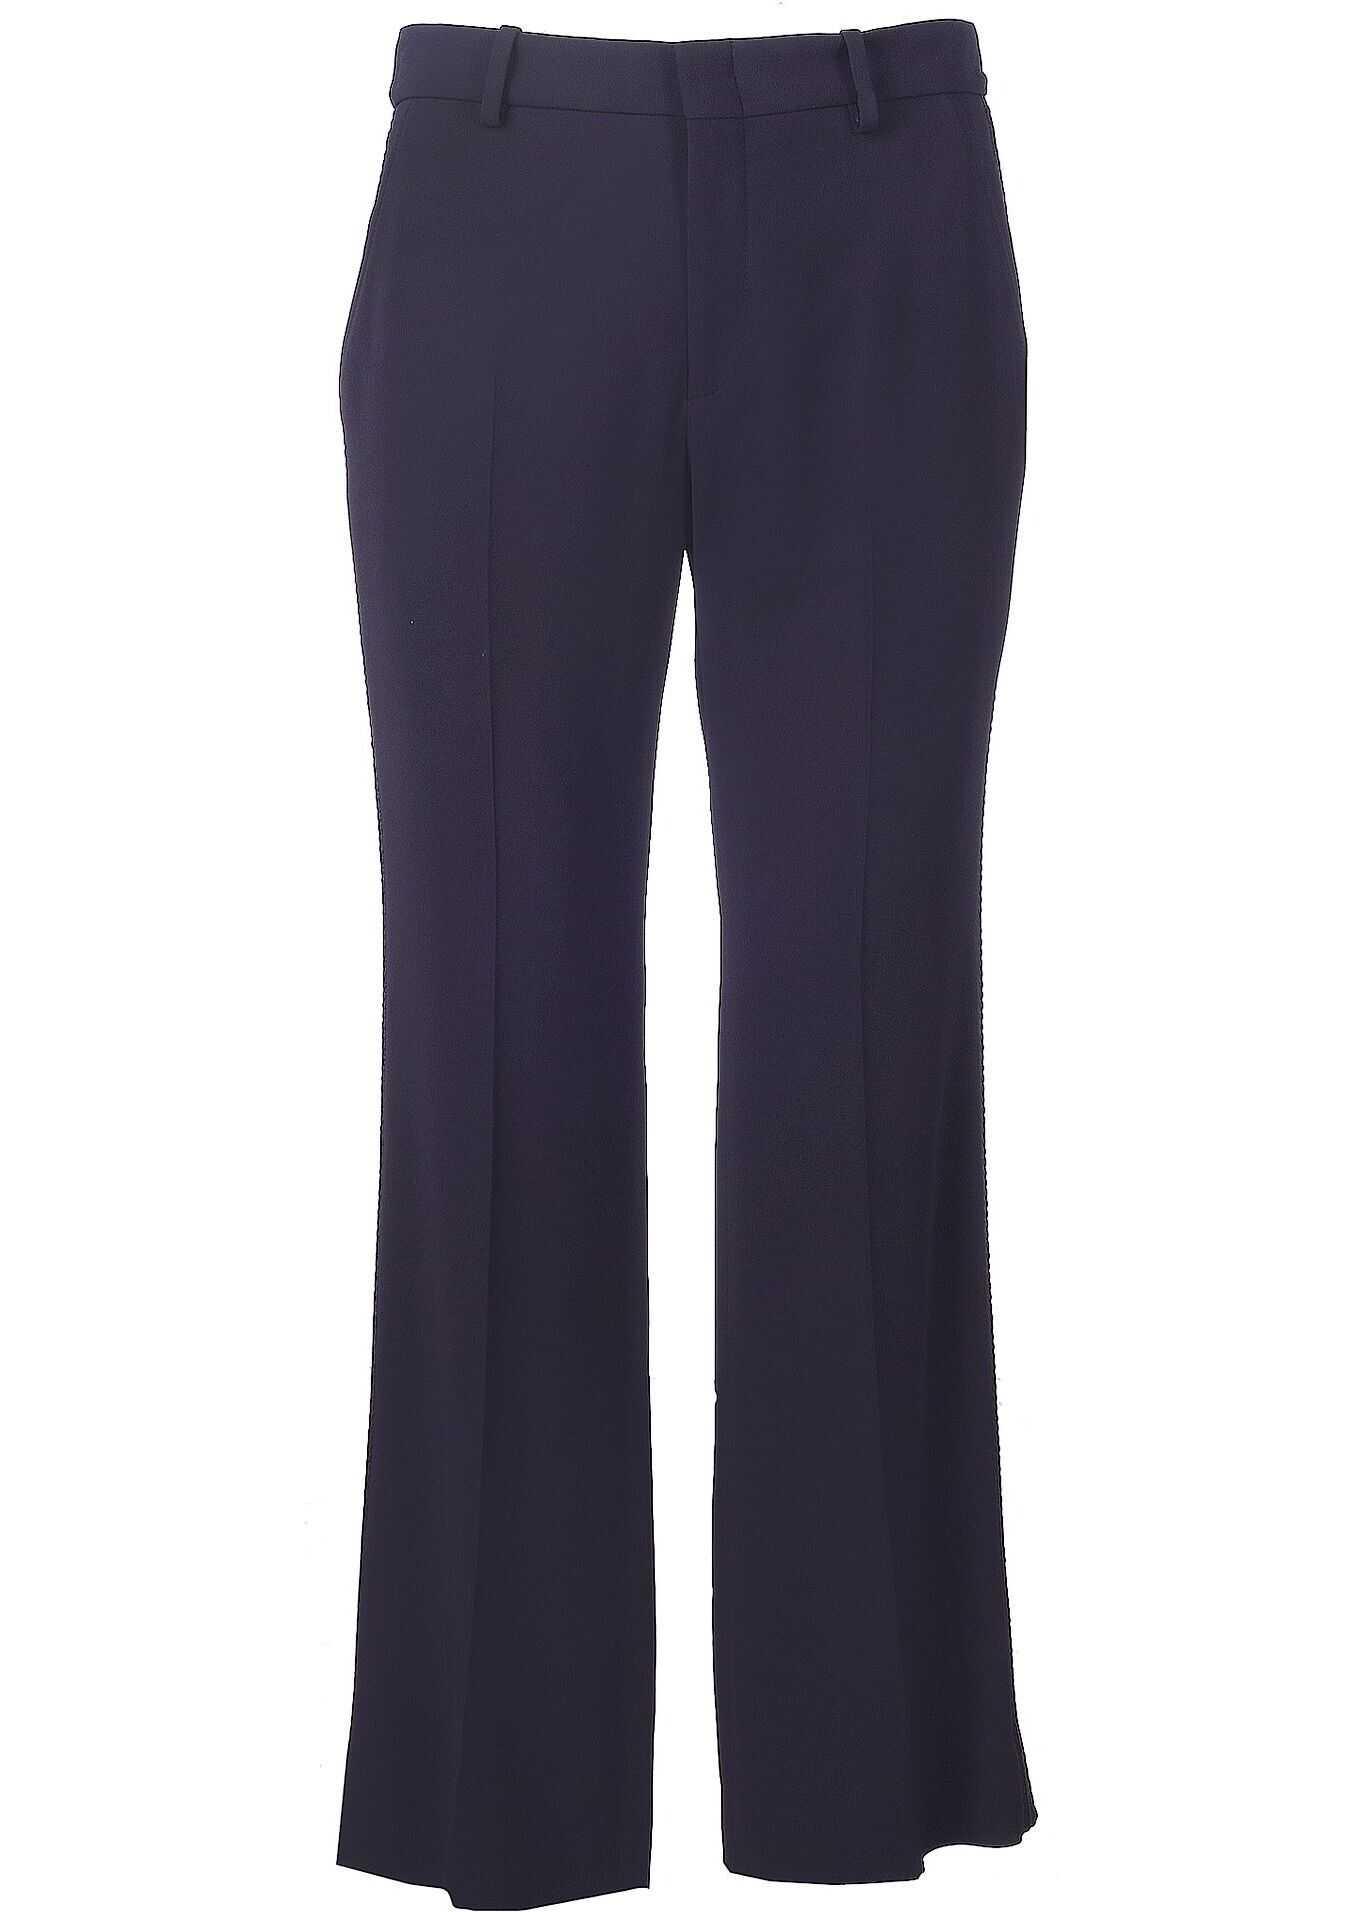 Gucci Viscose Pants BLUE